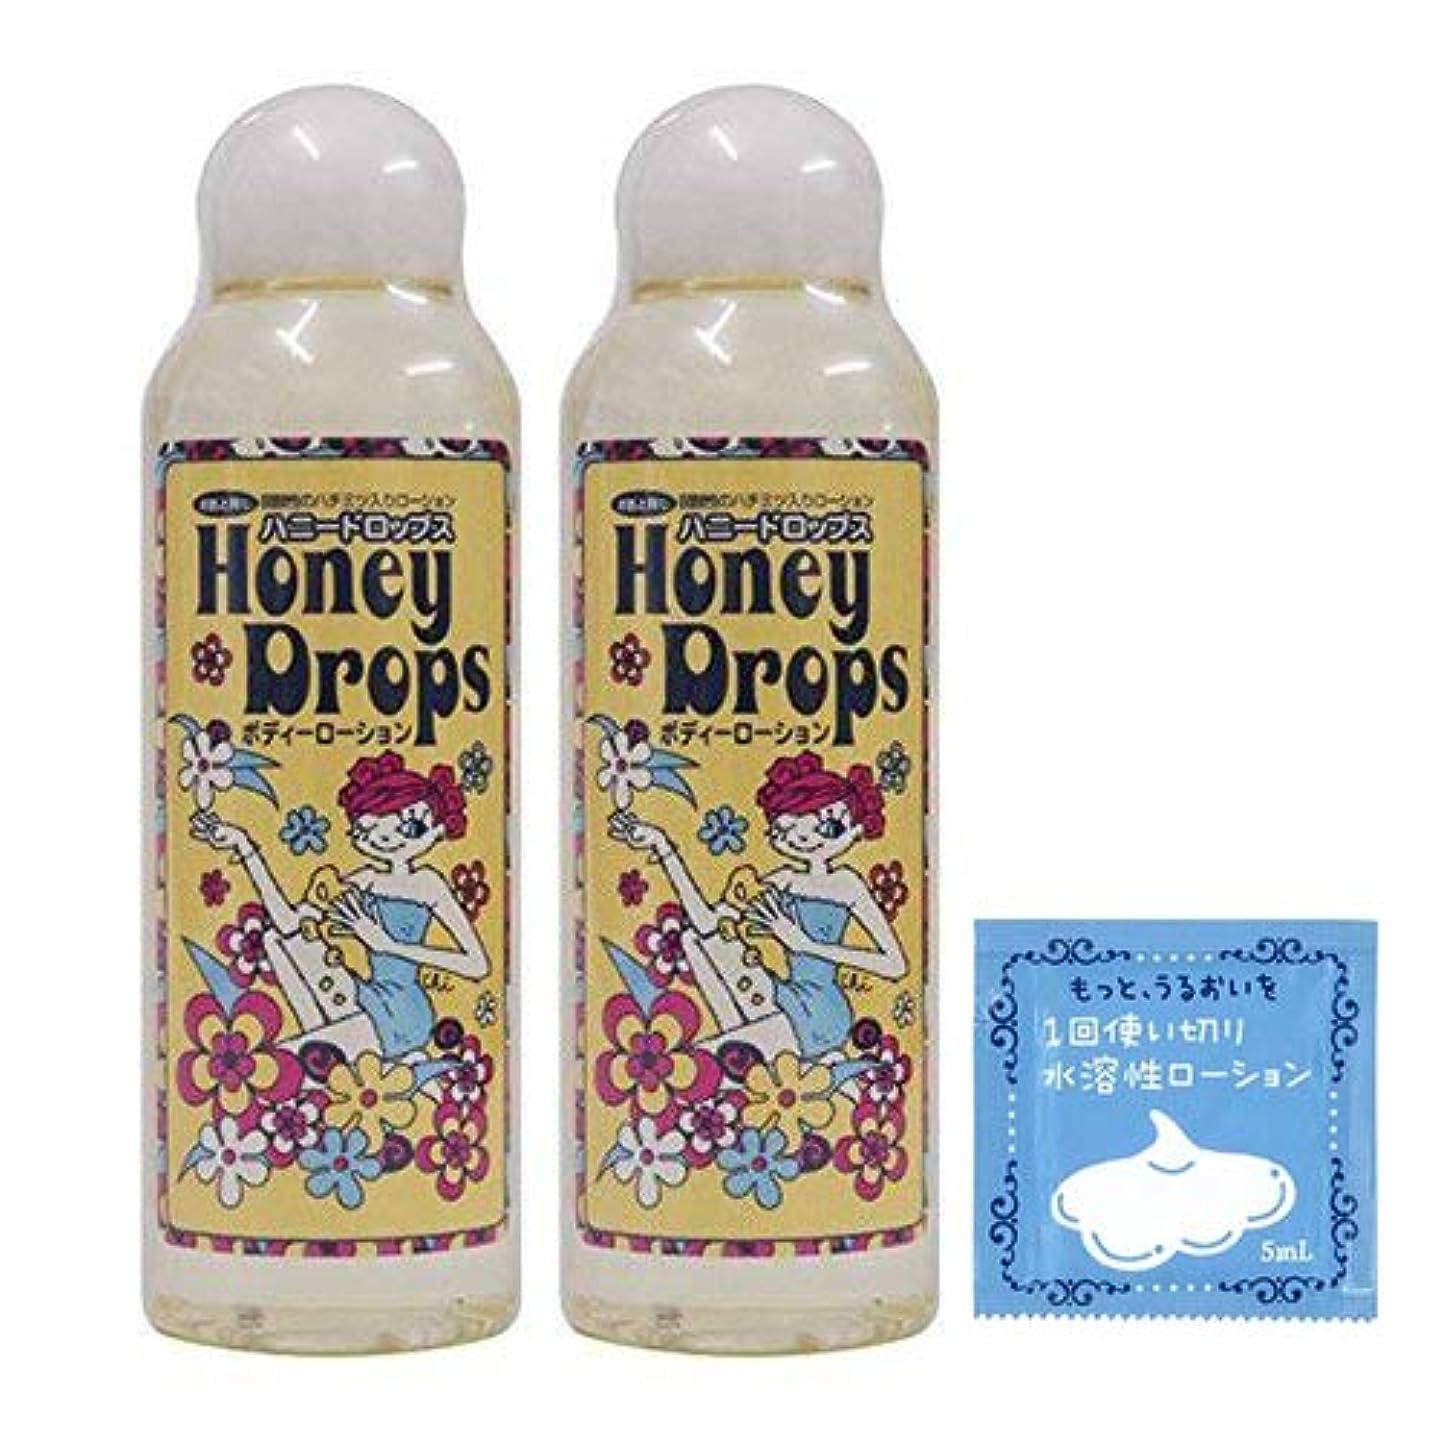 地下鉄廃棄公爵ハニードロップス150mL HoneyDrops150 ×2本 + 1回使い切り水溶性潤滑ローション